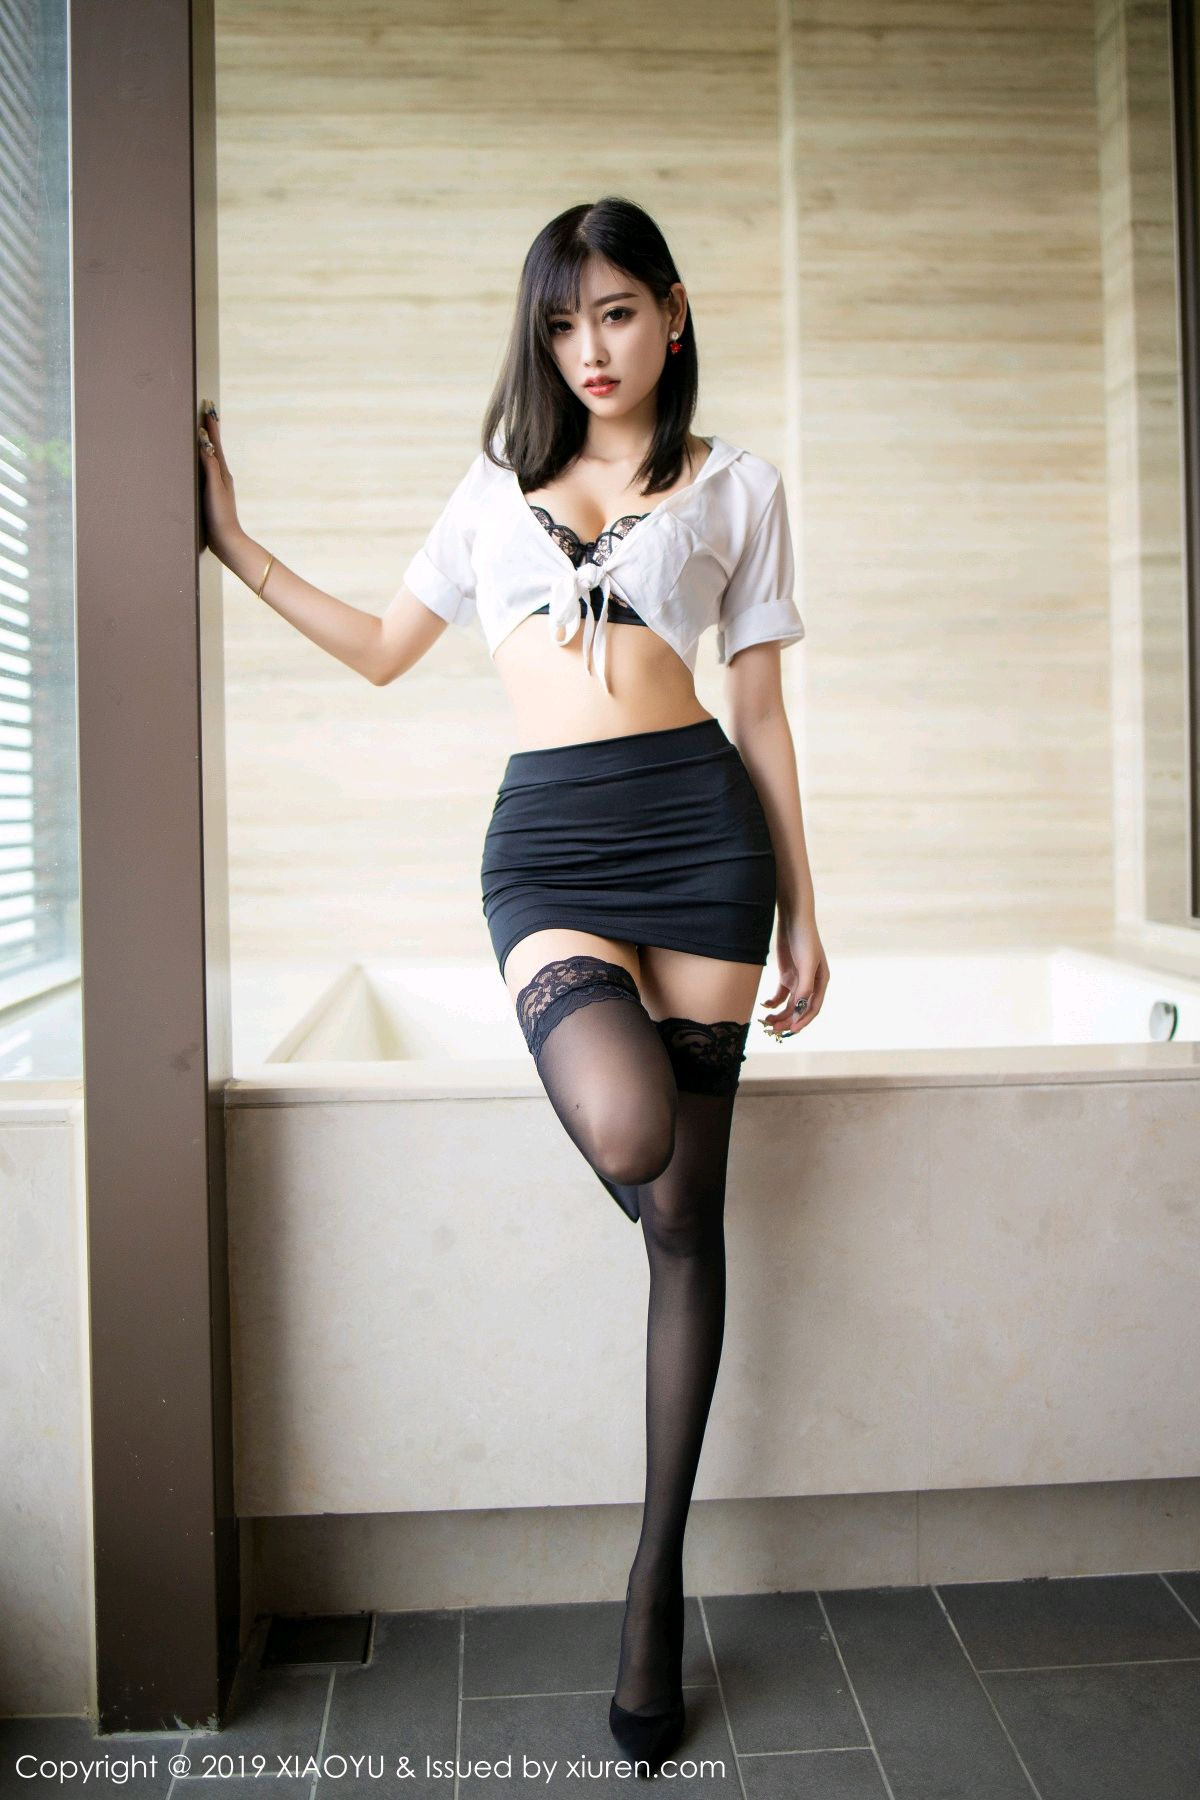 [XiaoYu] Vol.214 Yang Chen Chen 7P, Black Silk, Temperament, XiaoYu, Yang Chen Chen